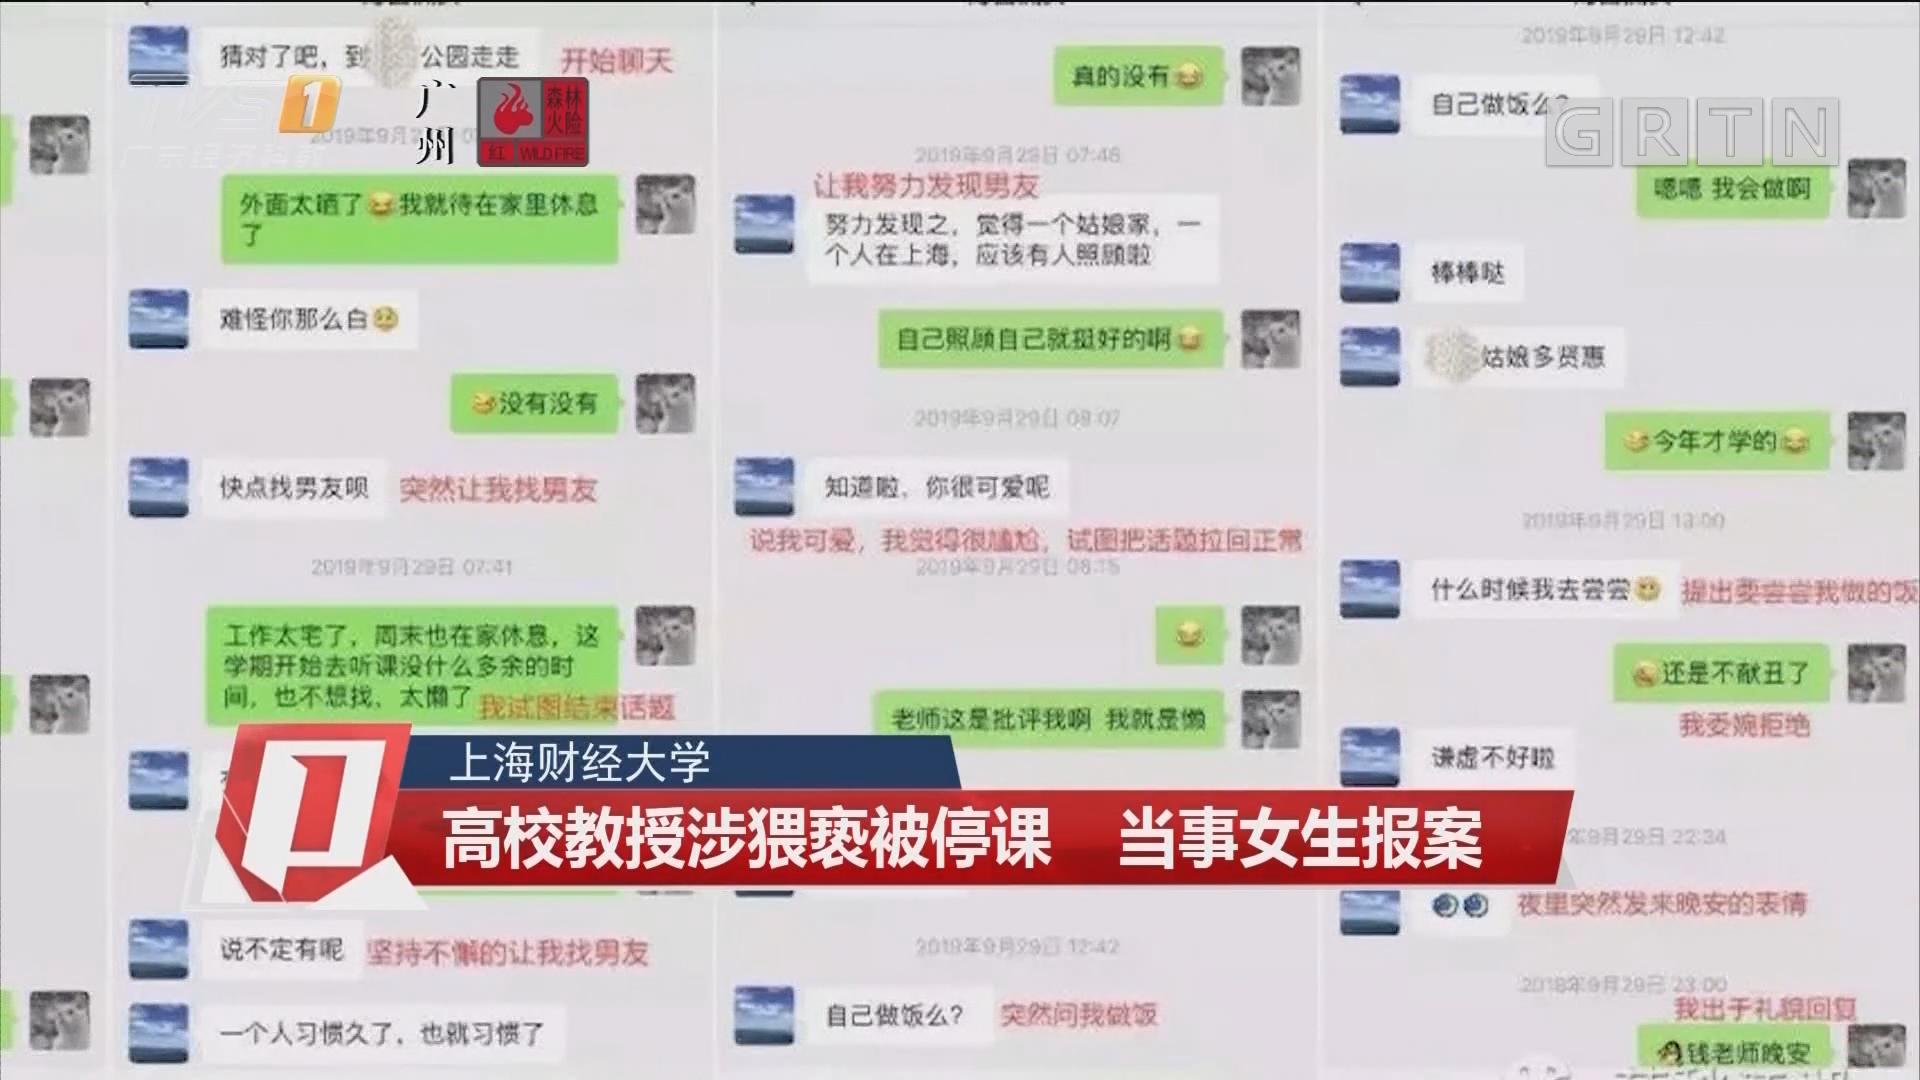 上海财经大学 高校教授涉猥亵被停课 当事女生报案